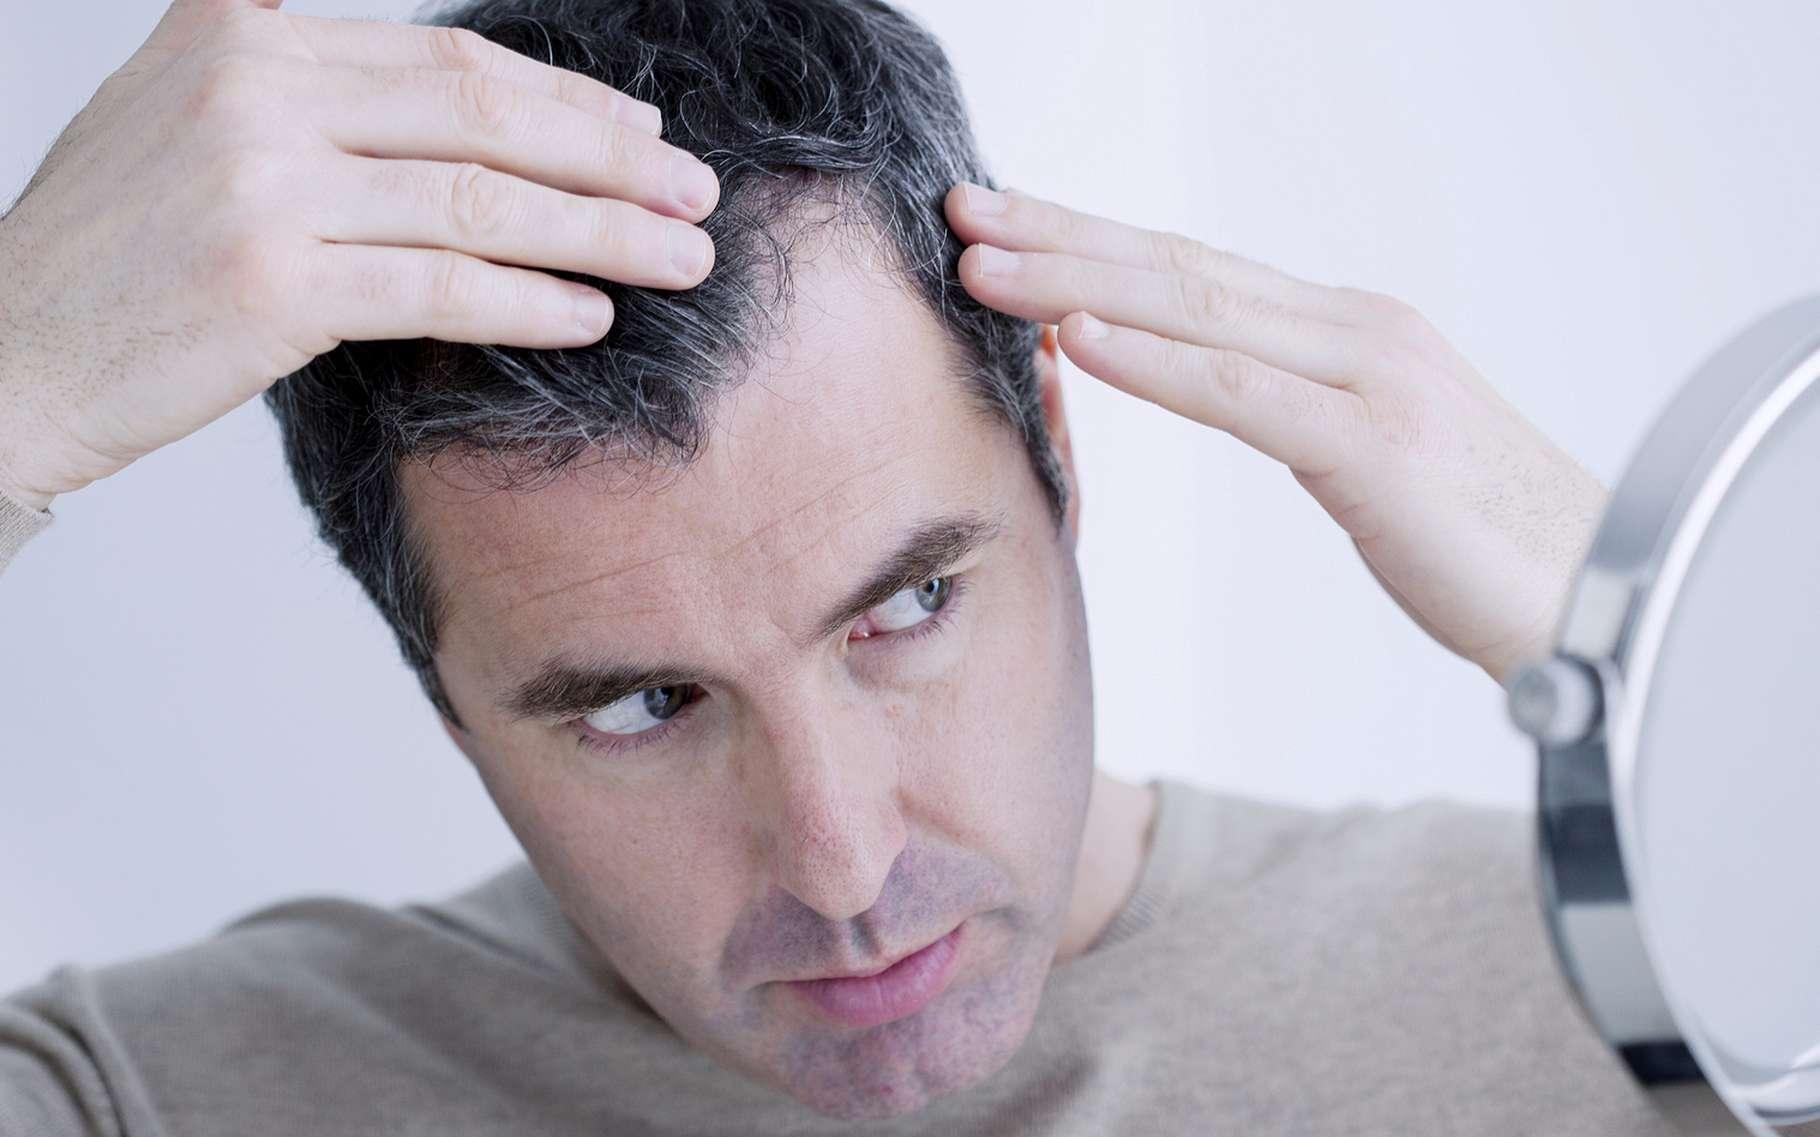 L'impression de cheveux pourrait bientôt voir le jour. Certains imaginent déjà utiliser cette avancée technologique pour imprimer perruques et extensions. Pourtant, l'objectif visé par les chercheurs du Massachusetts Institute of Technology (MIT) est plutôt de créer de nouveaux matériaux fonctionnels. © Image Point Fr, Shutterstock